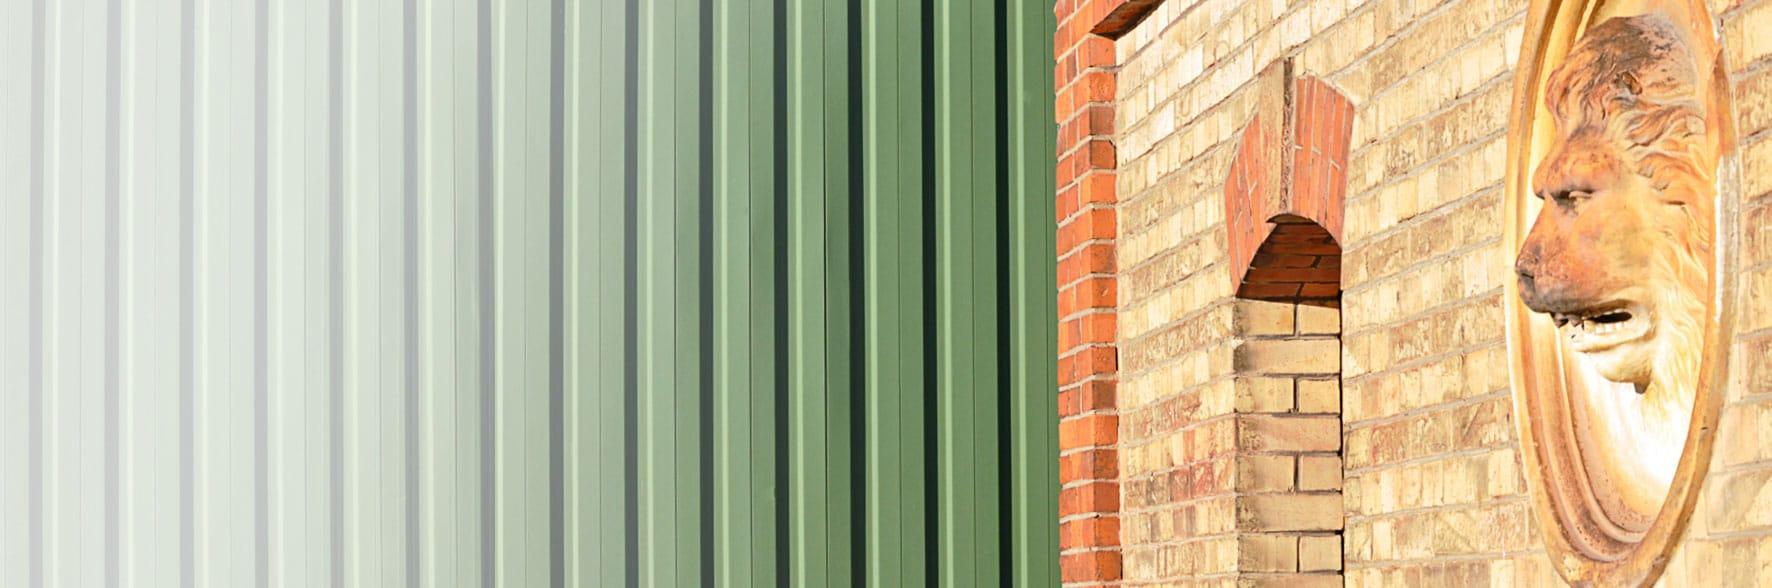 Gebäudefassaden des Werksgeländes